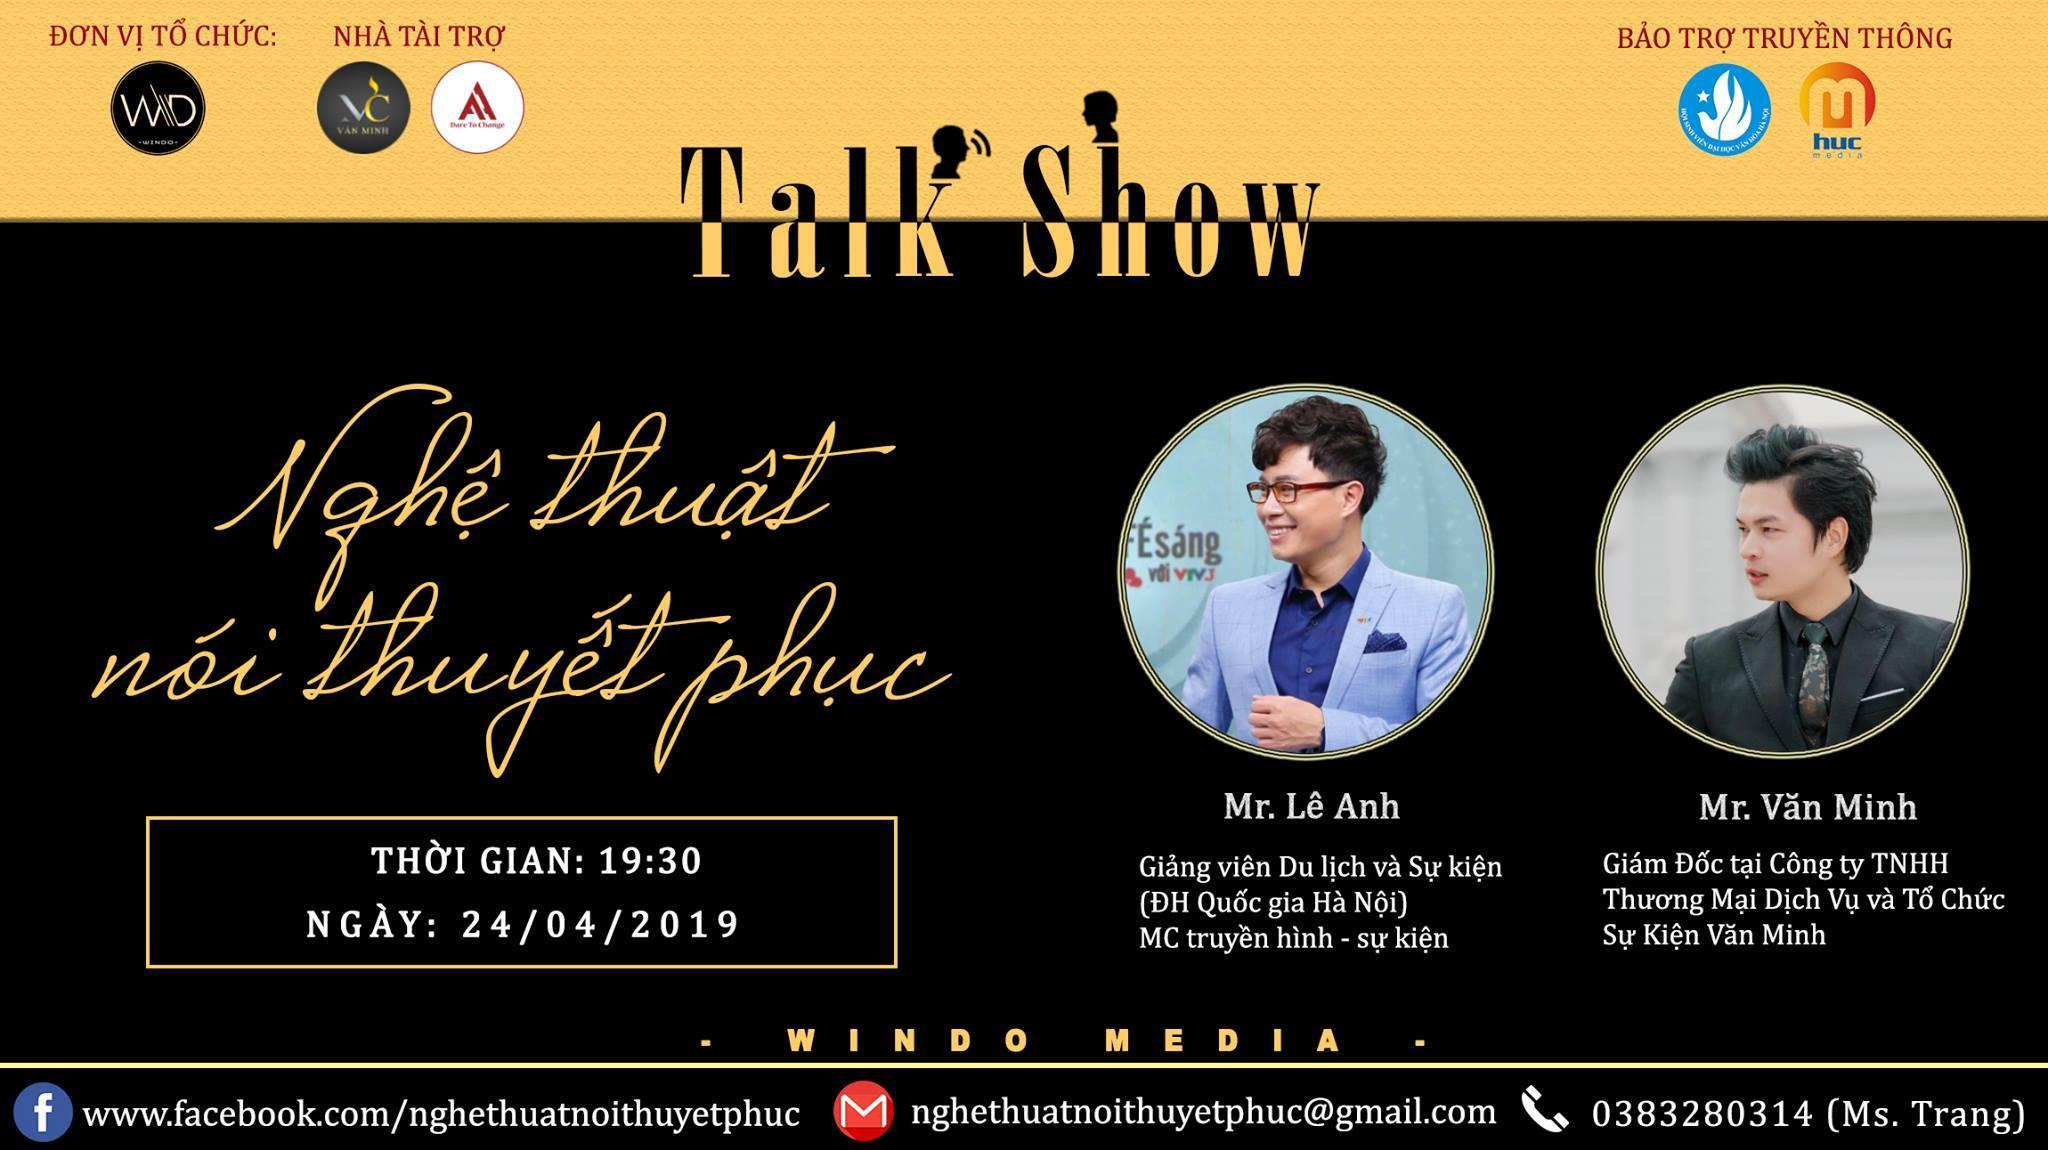 Talkshow: Nghệ thuật nói thuyết phục